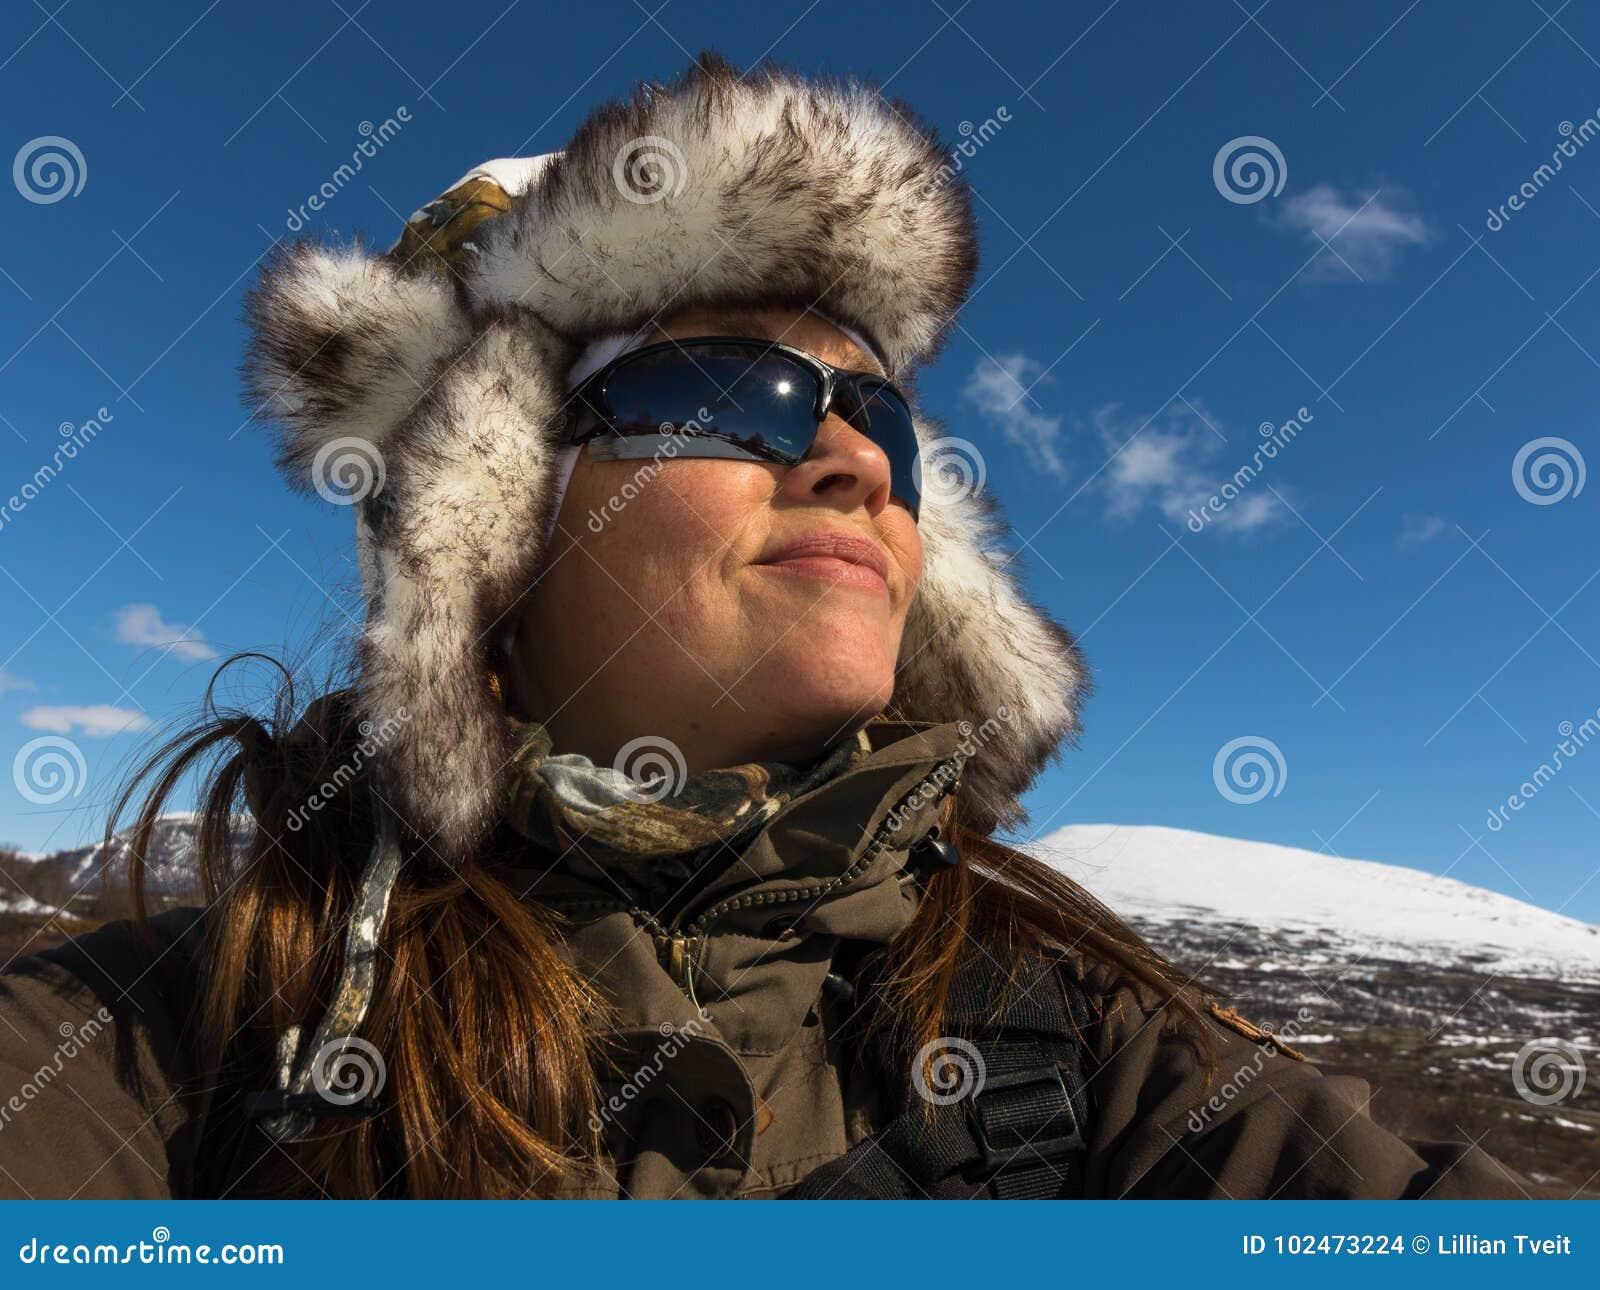 Γυναίκα ευτυχής να είναι στο χειμερινό τοπίο, με το θερμό camo ΚΑΠ και τα γυαλιά ηλίου